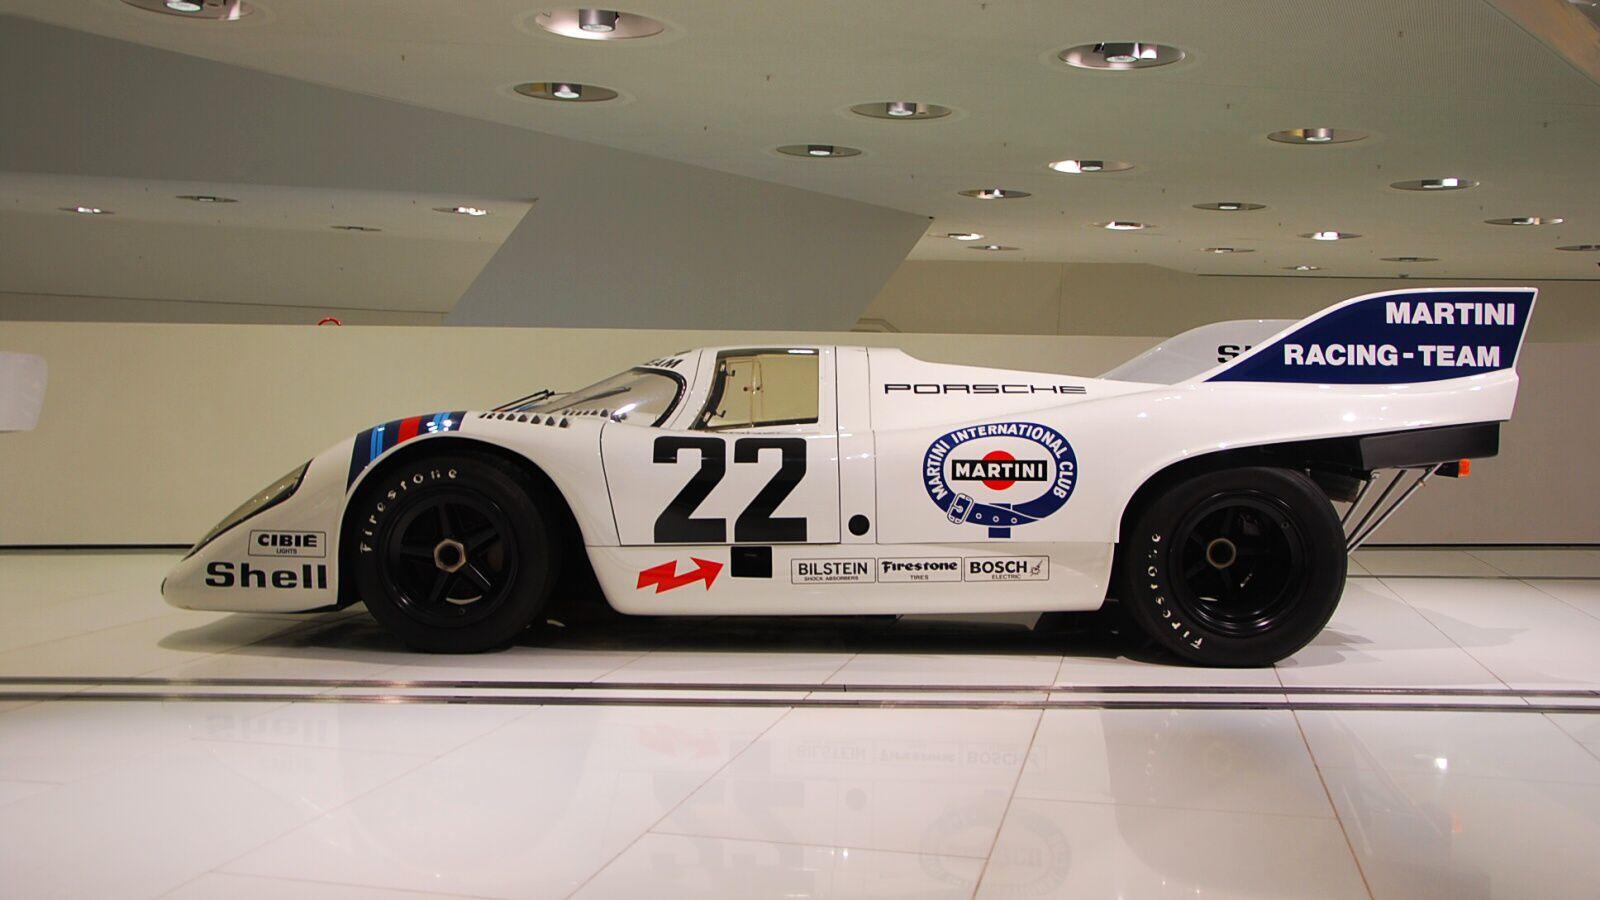 Závodní Porsche 917 zboku